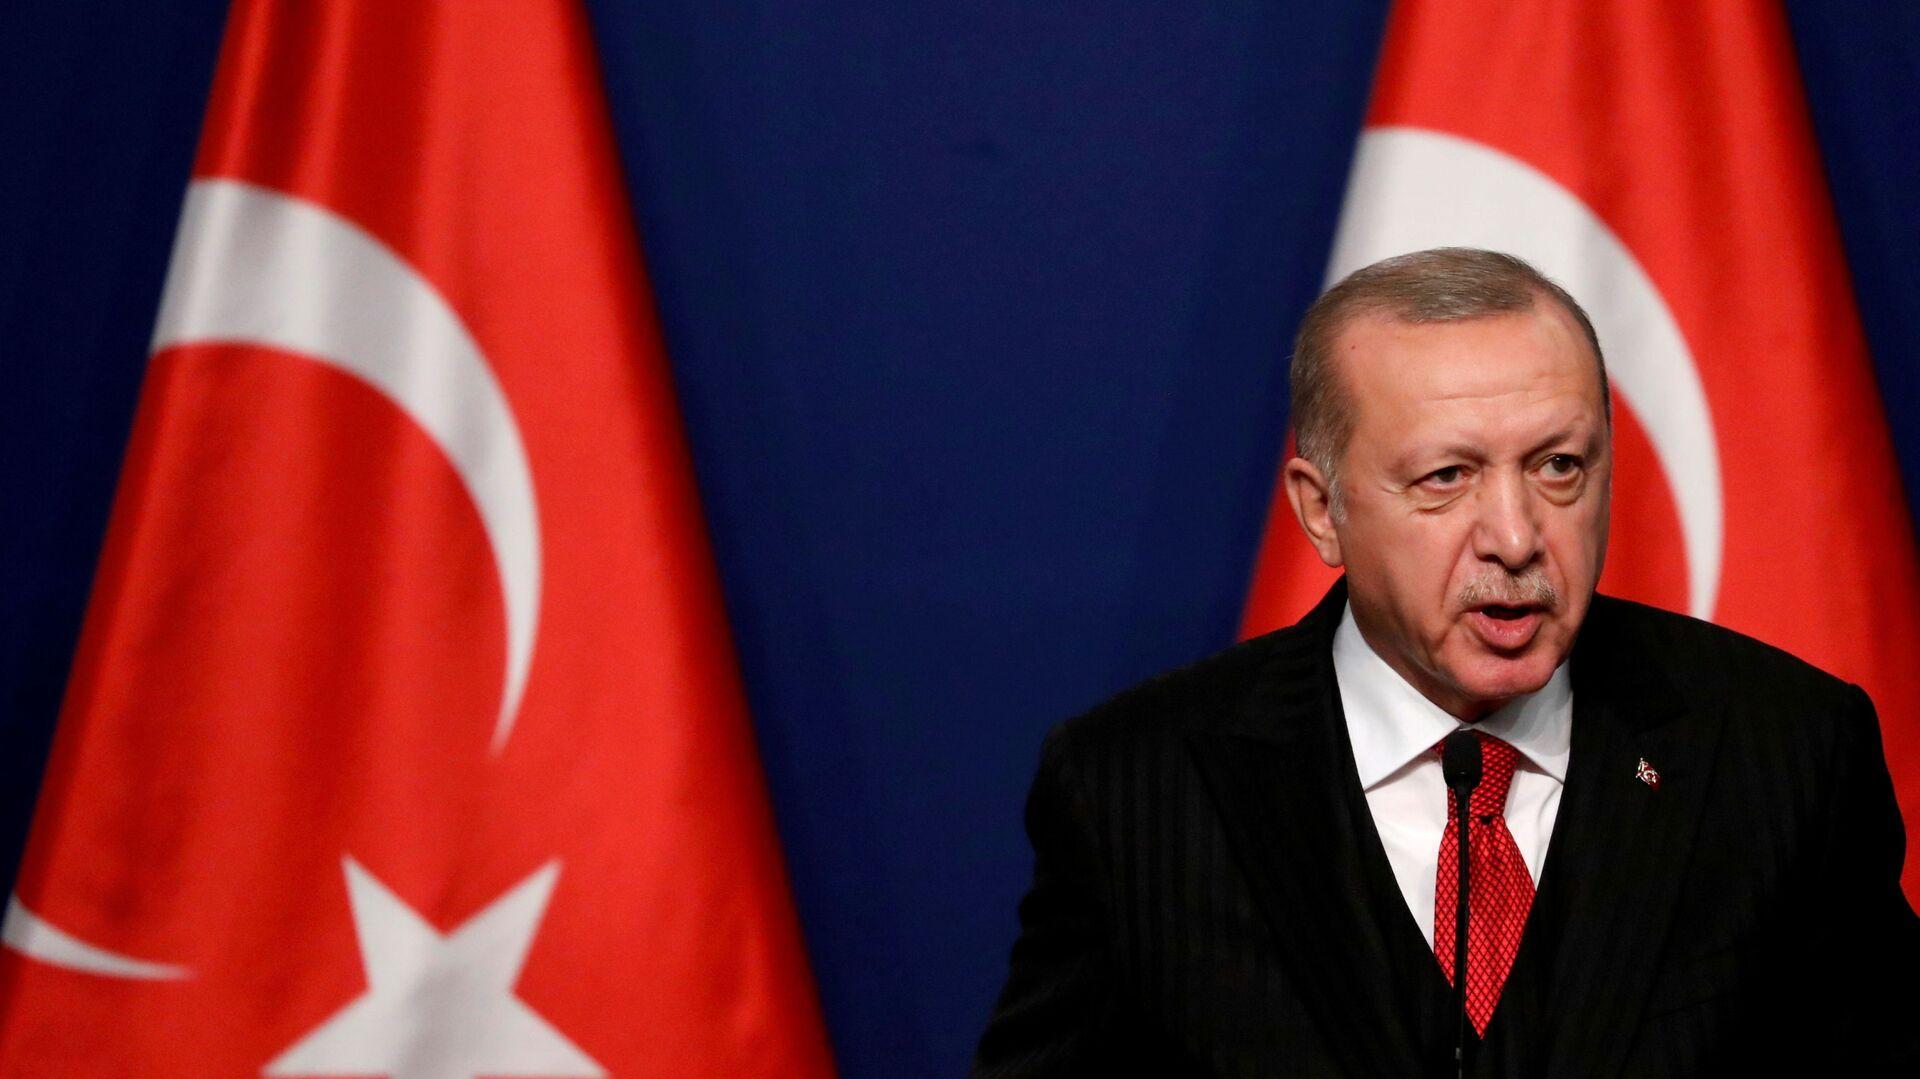 Turecký prezident Tayyip Erdogan - Sputnik Česká republika, 1920, 26.06.2021